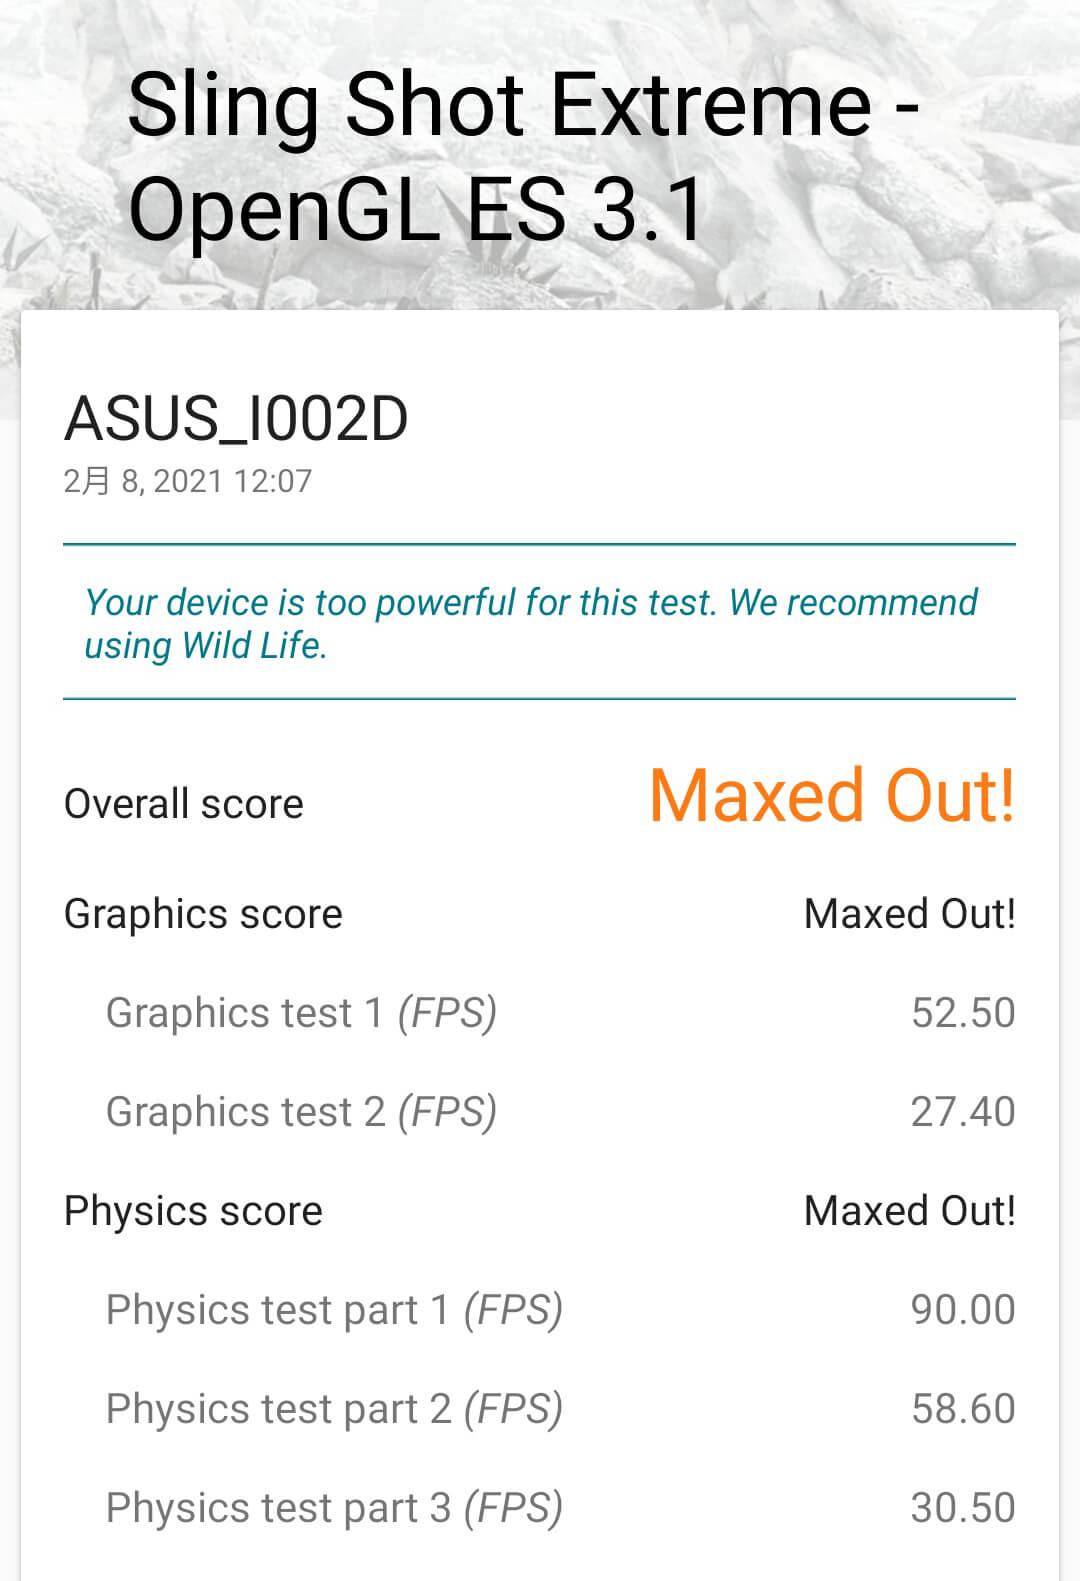 ZenFone 7は3Dマークのグラフィックスコア52.50fps